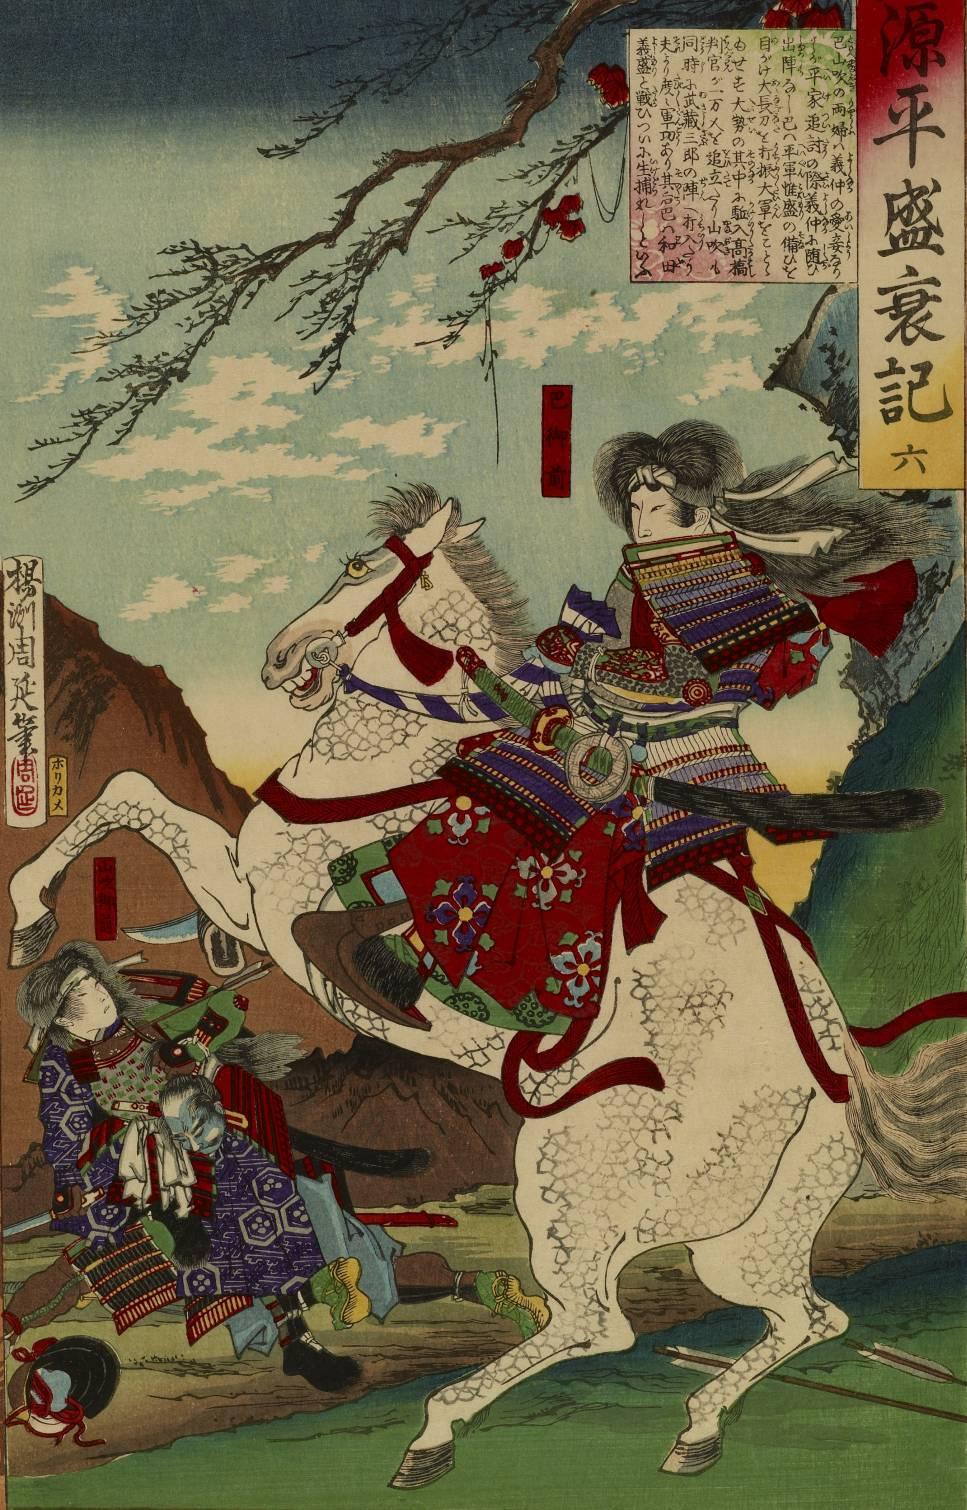 восточный секс с самураем